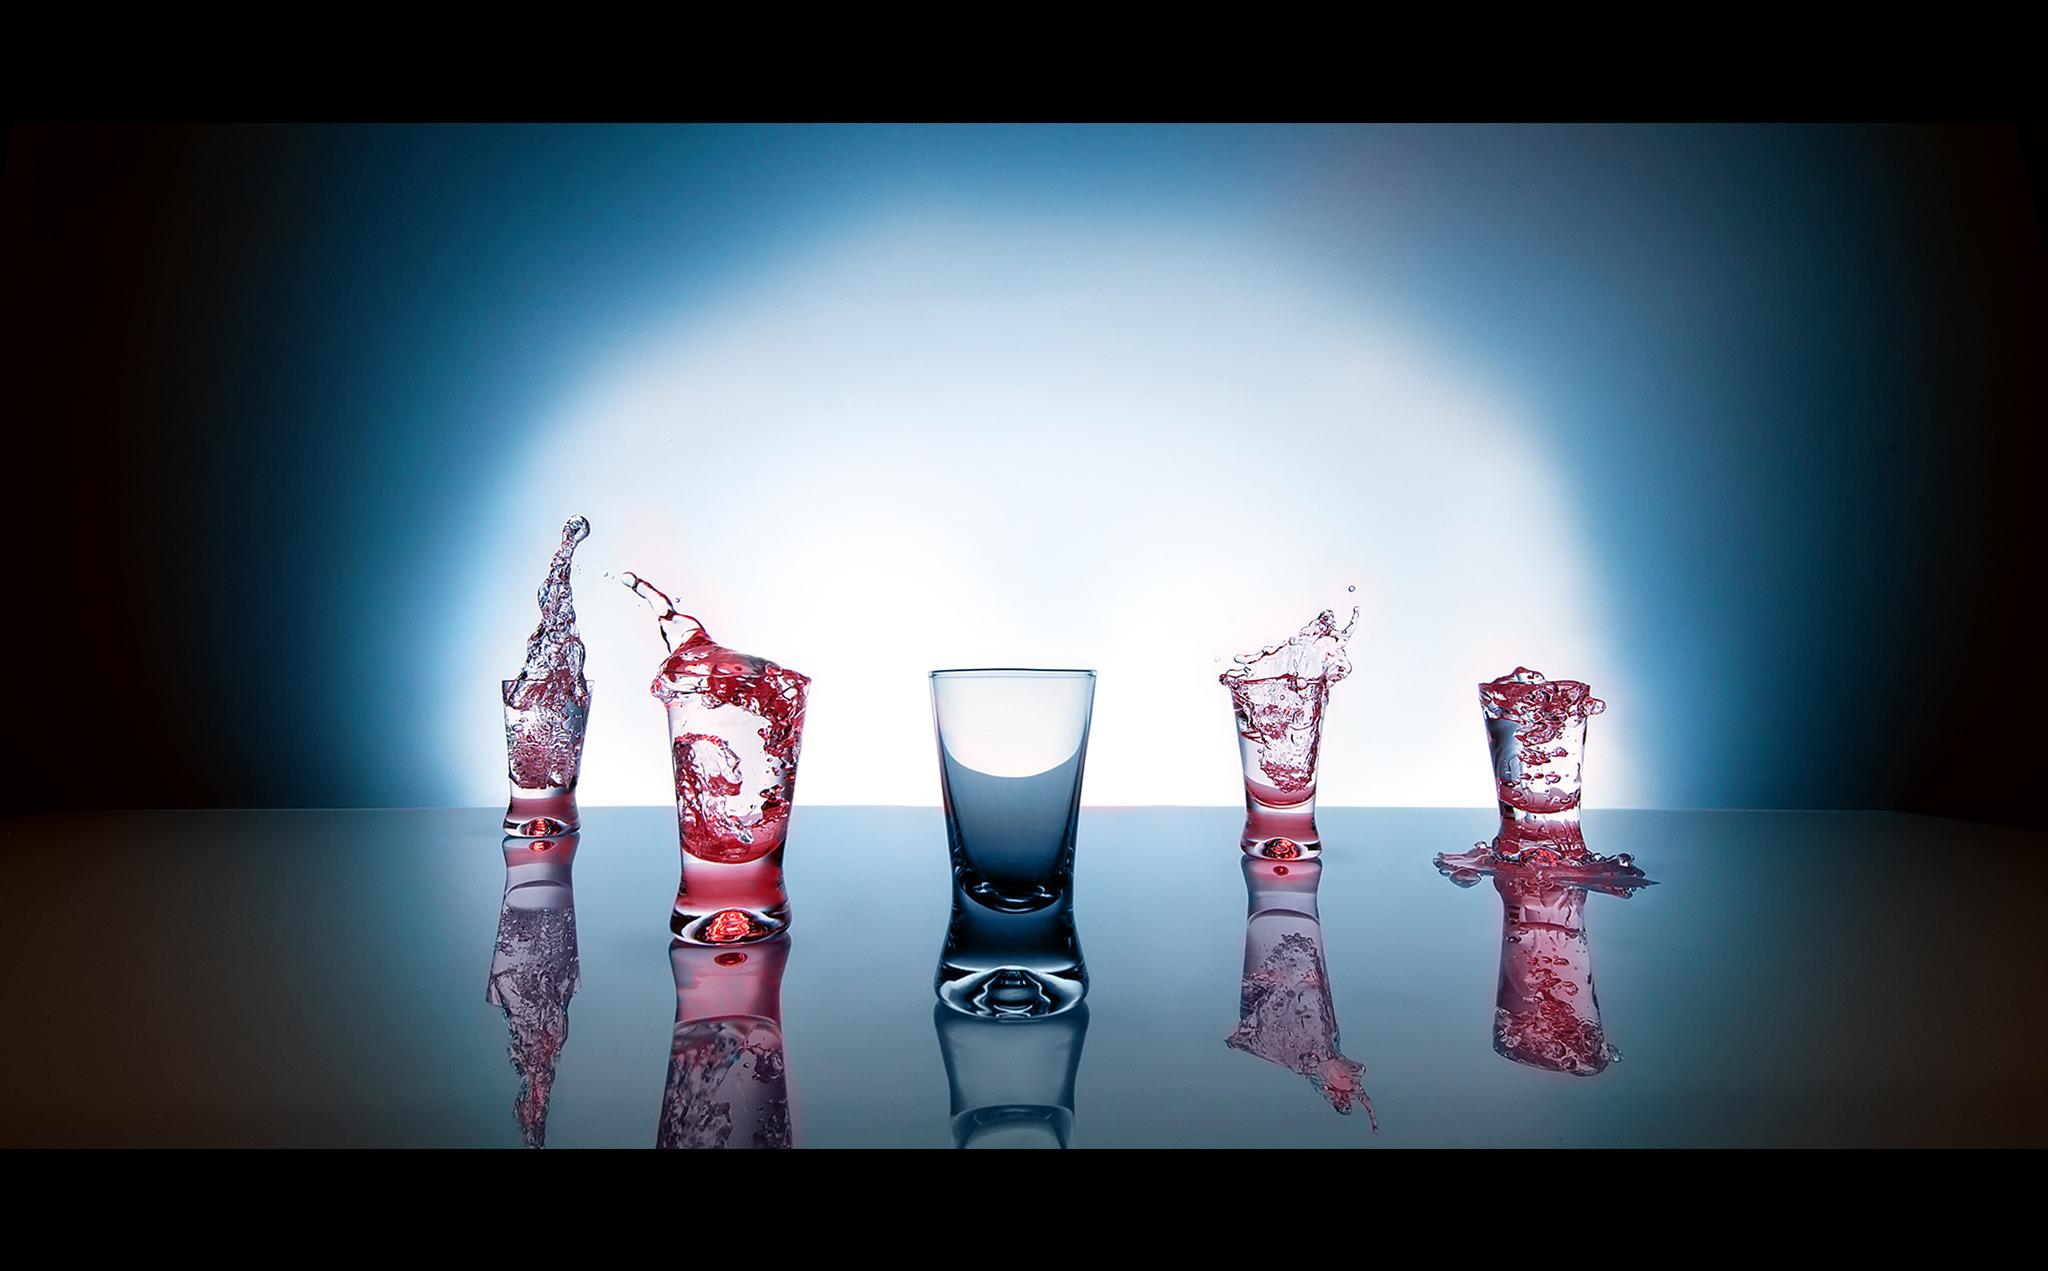 Stand Still - vodka glasses concept shot